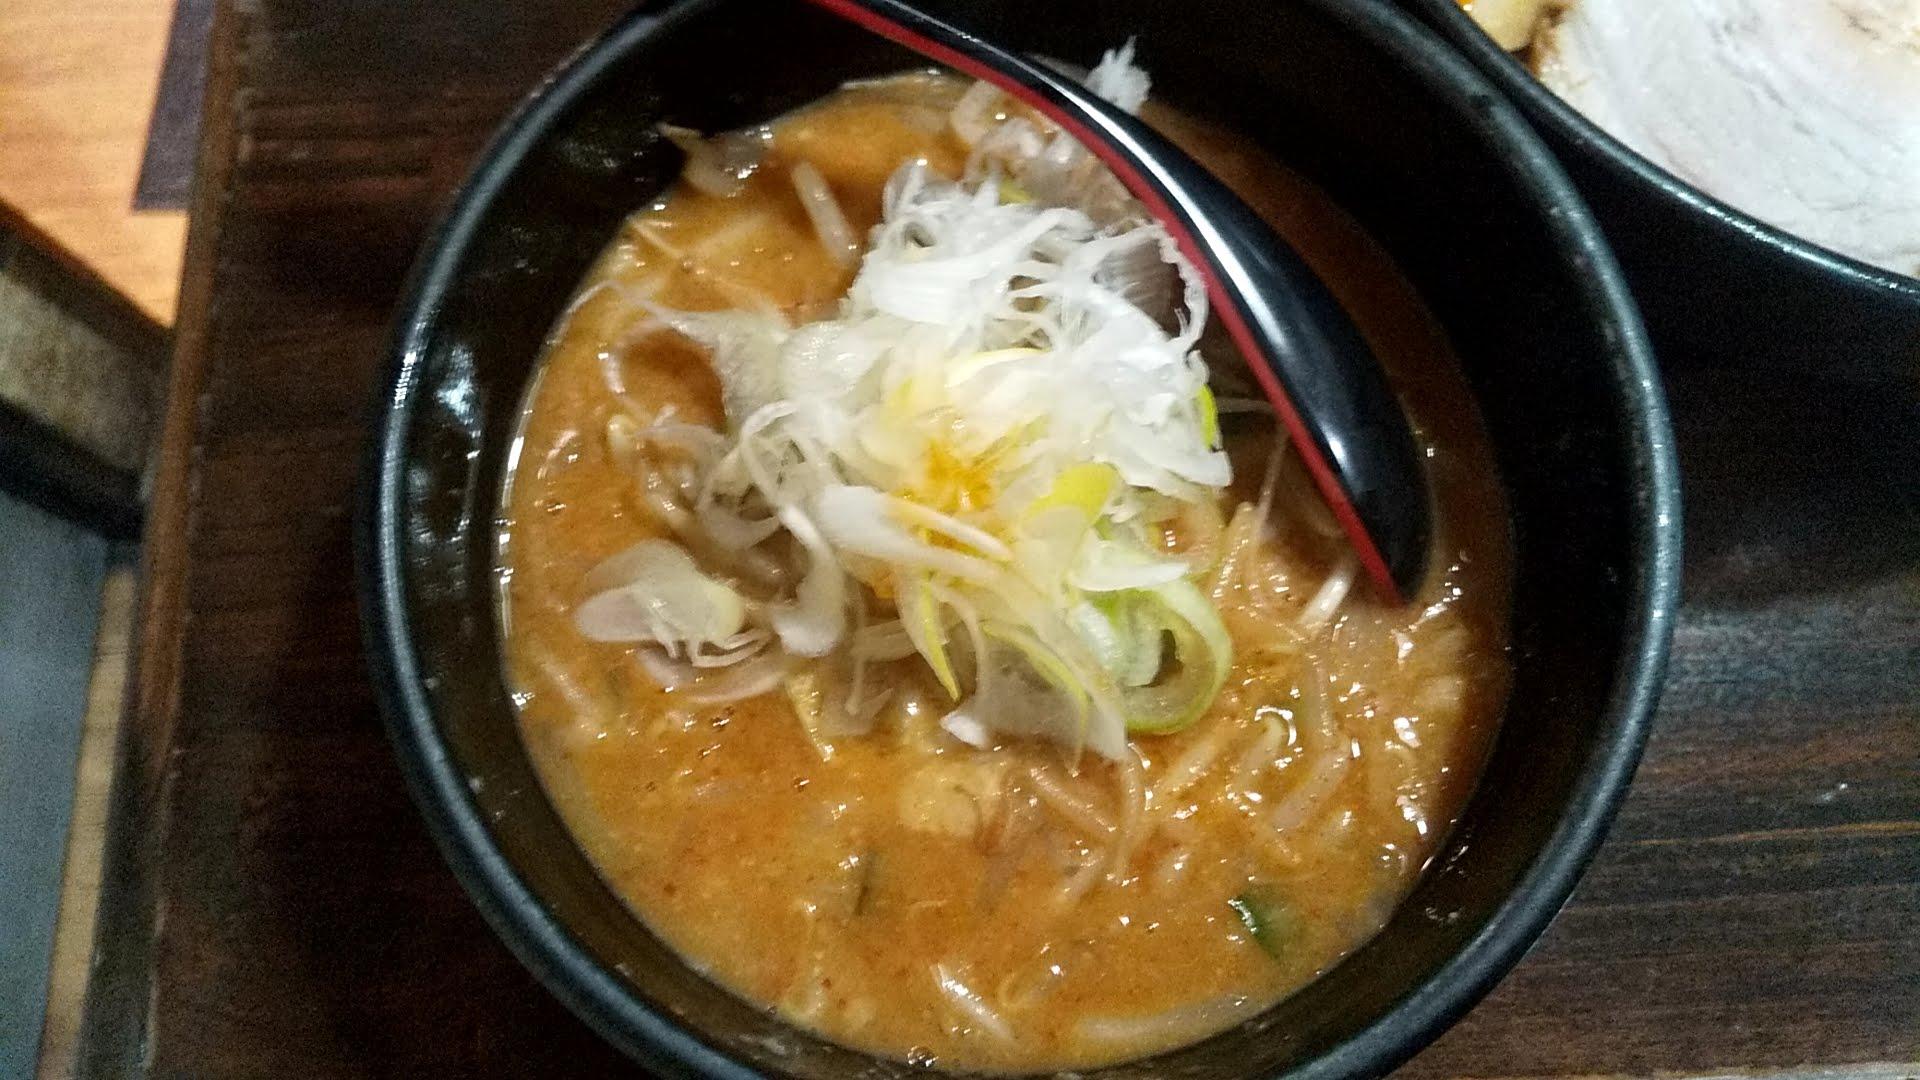 麺処花田池袋店の特製味噌つけ麺のつけ汁